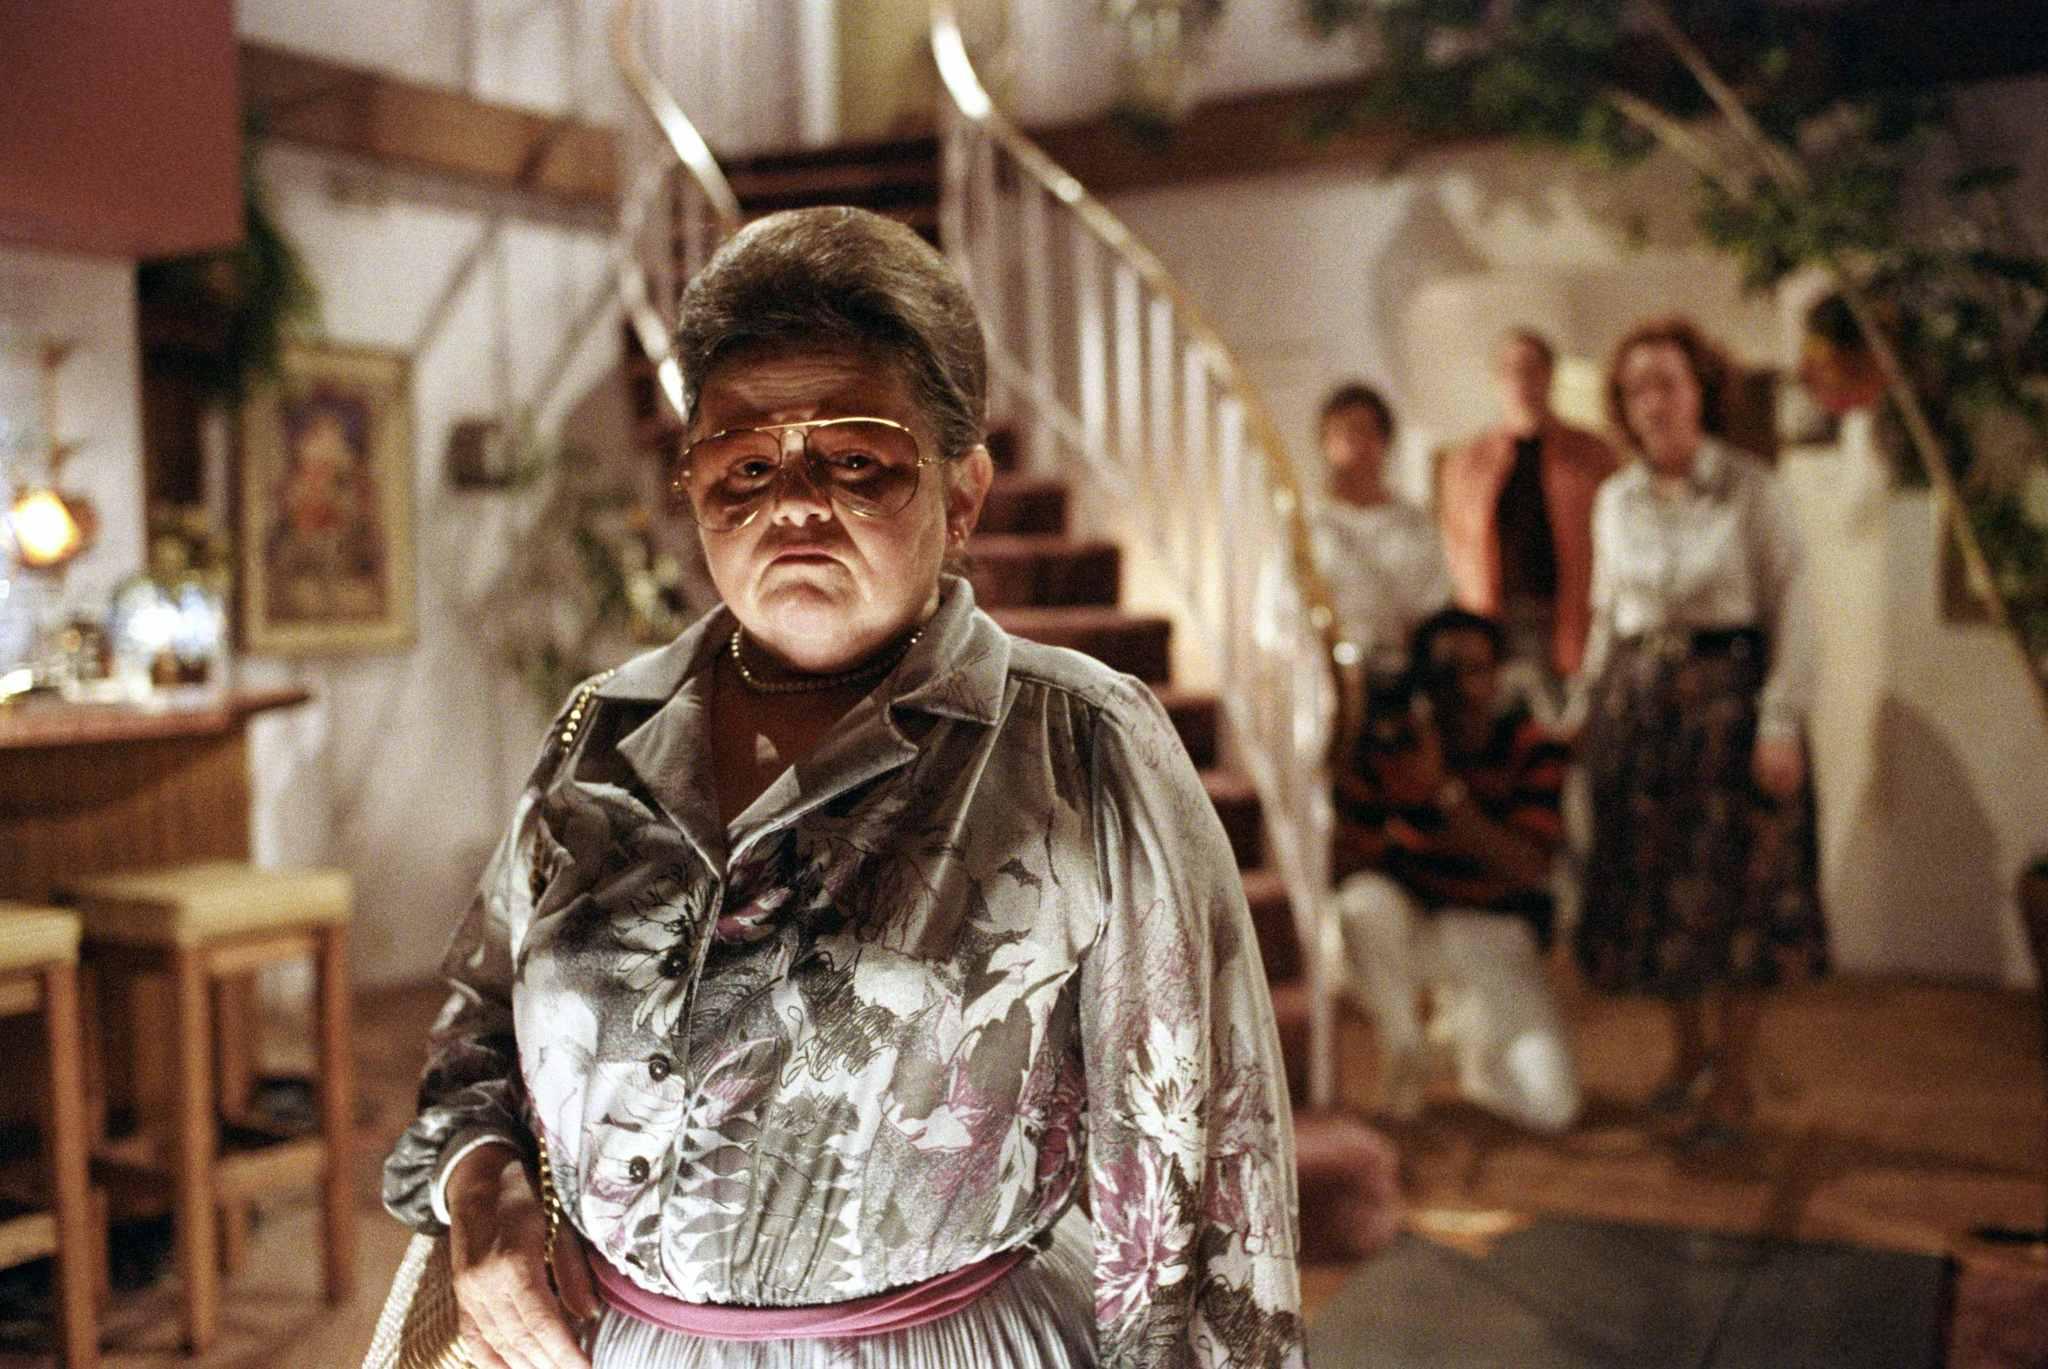 JoBeth Williams, Richard Lawson, Oliver Robins, Zelda Rubinstein, and Beatrice Straight in Poltergeist (1982)